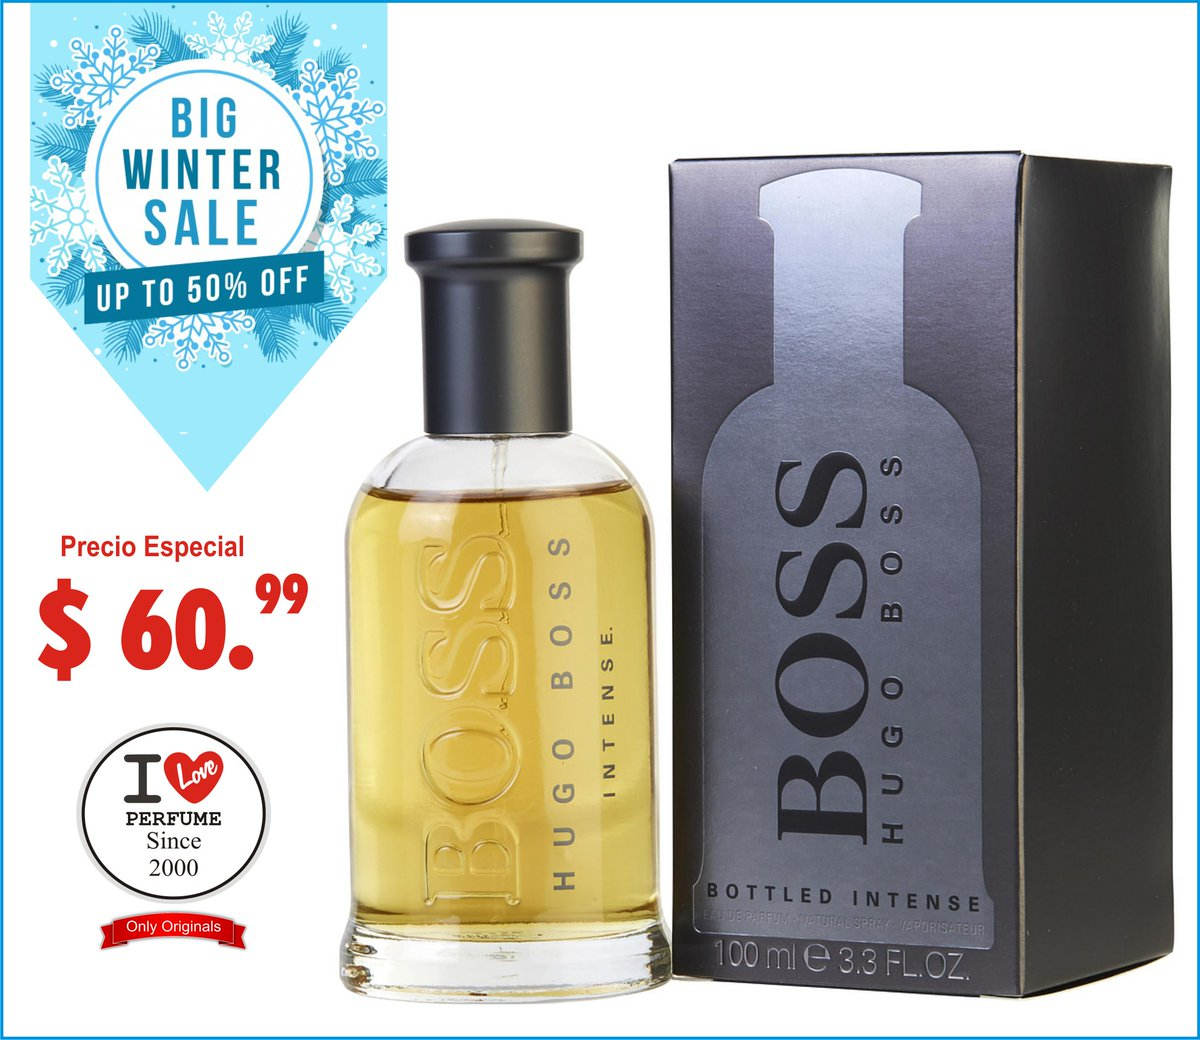 Denis Bottger On Twitter Big Winter Sale Visit Us And Take